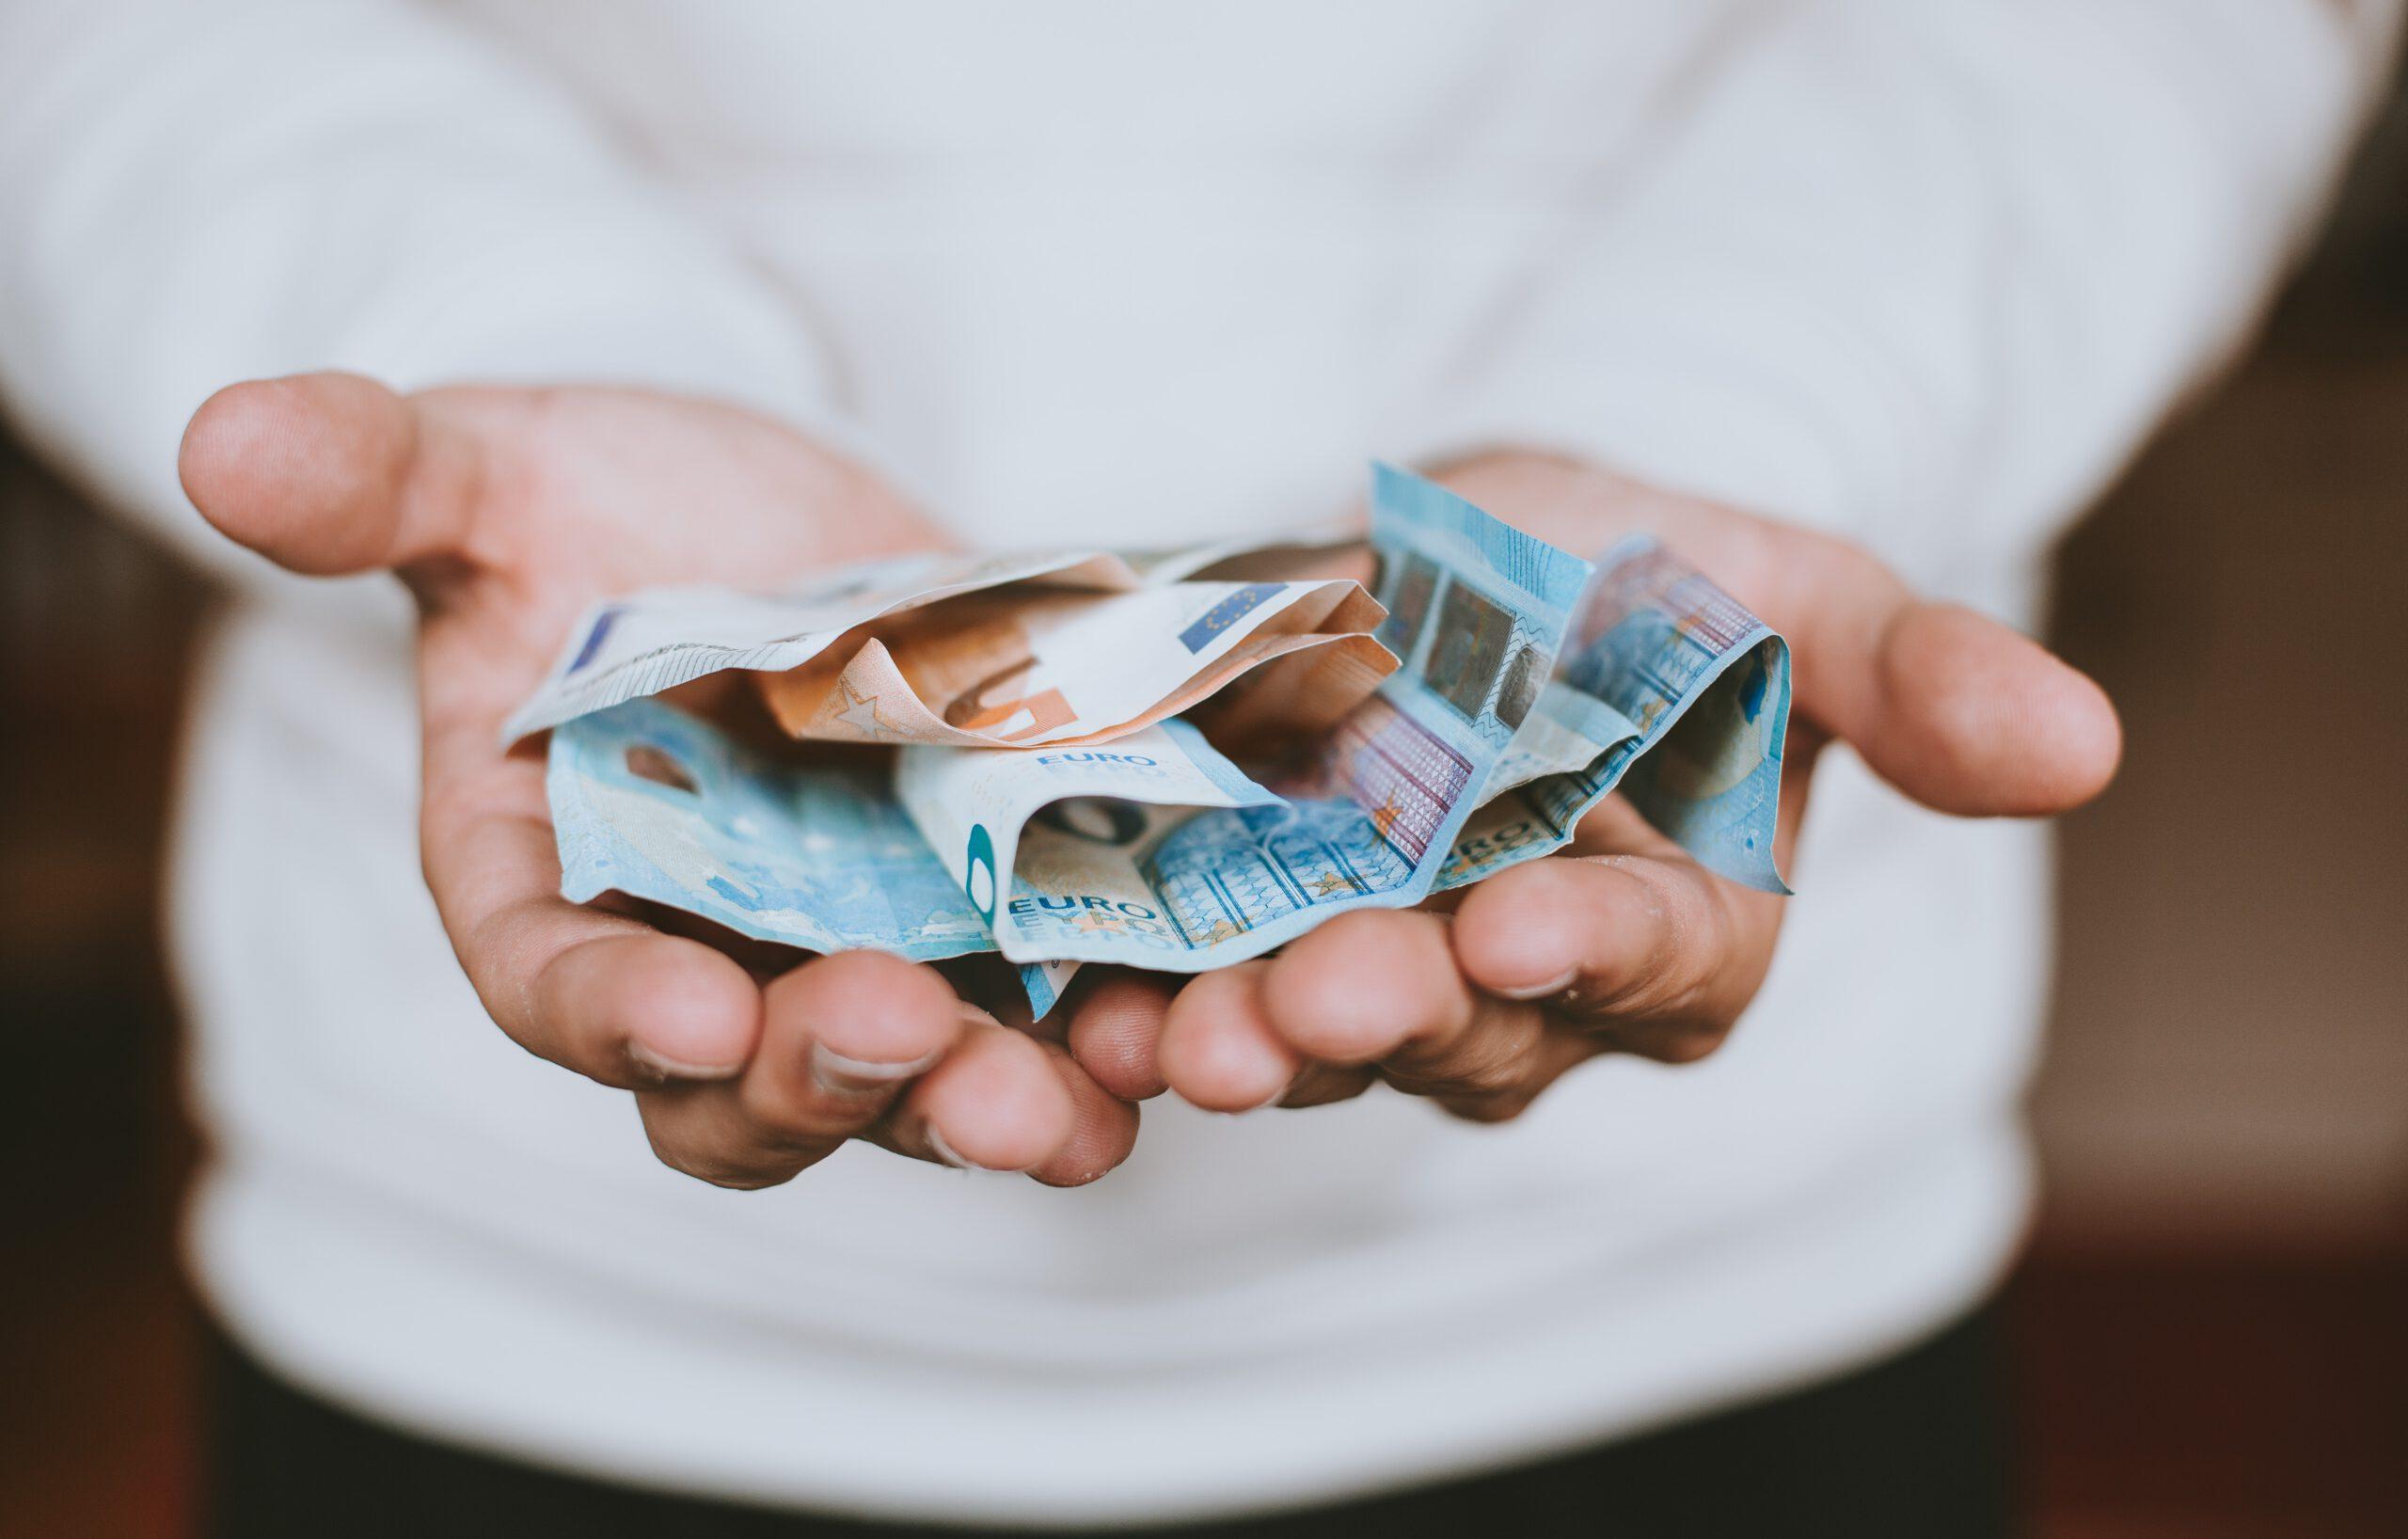 Meine 25 besten Tips, um als Großfamilie möglichst weise mit Geld umzugehen